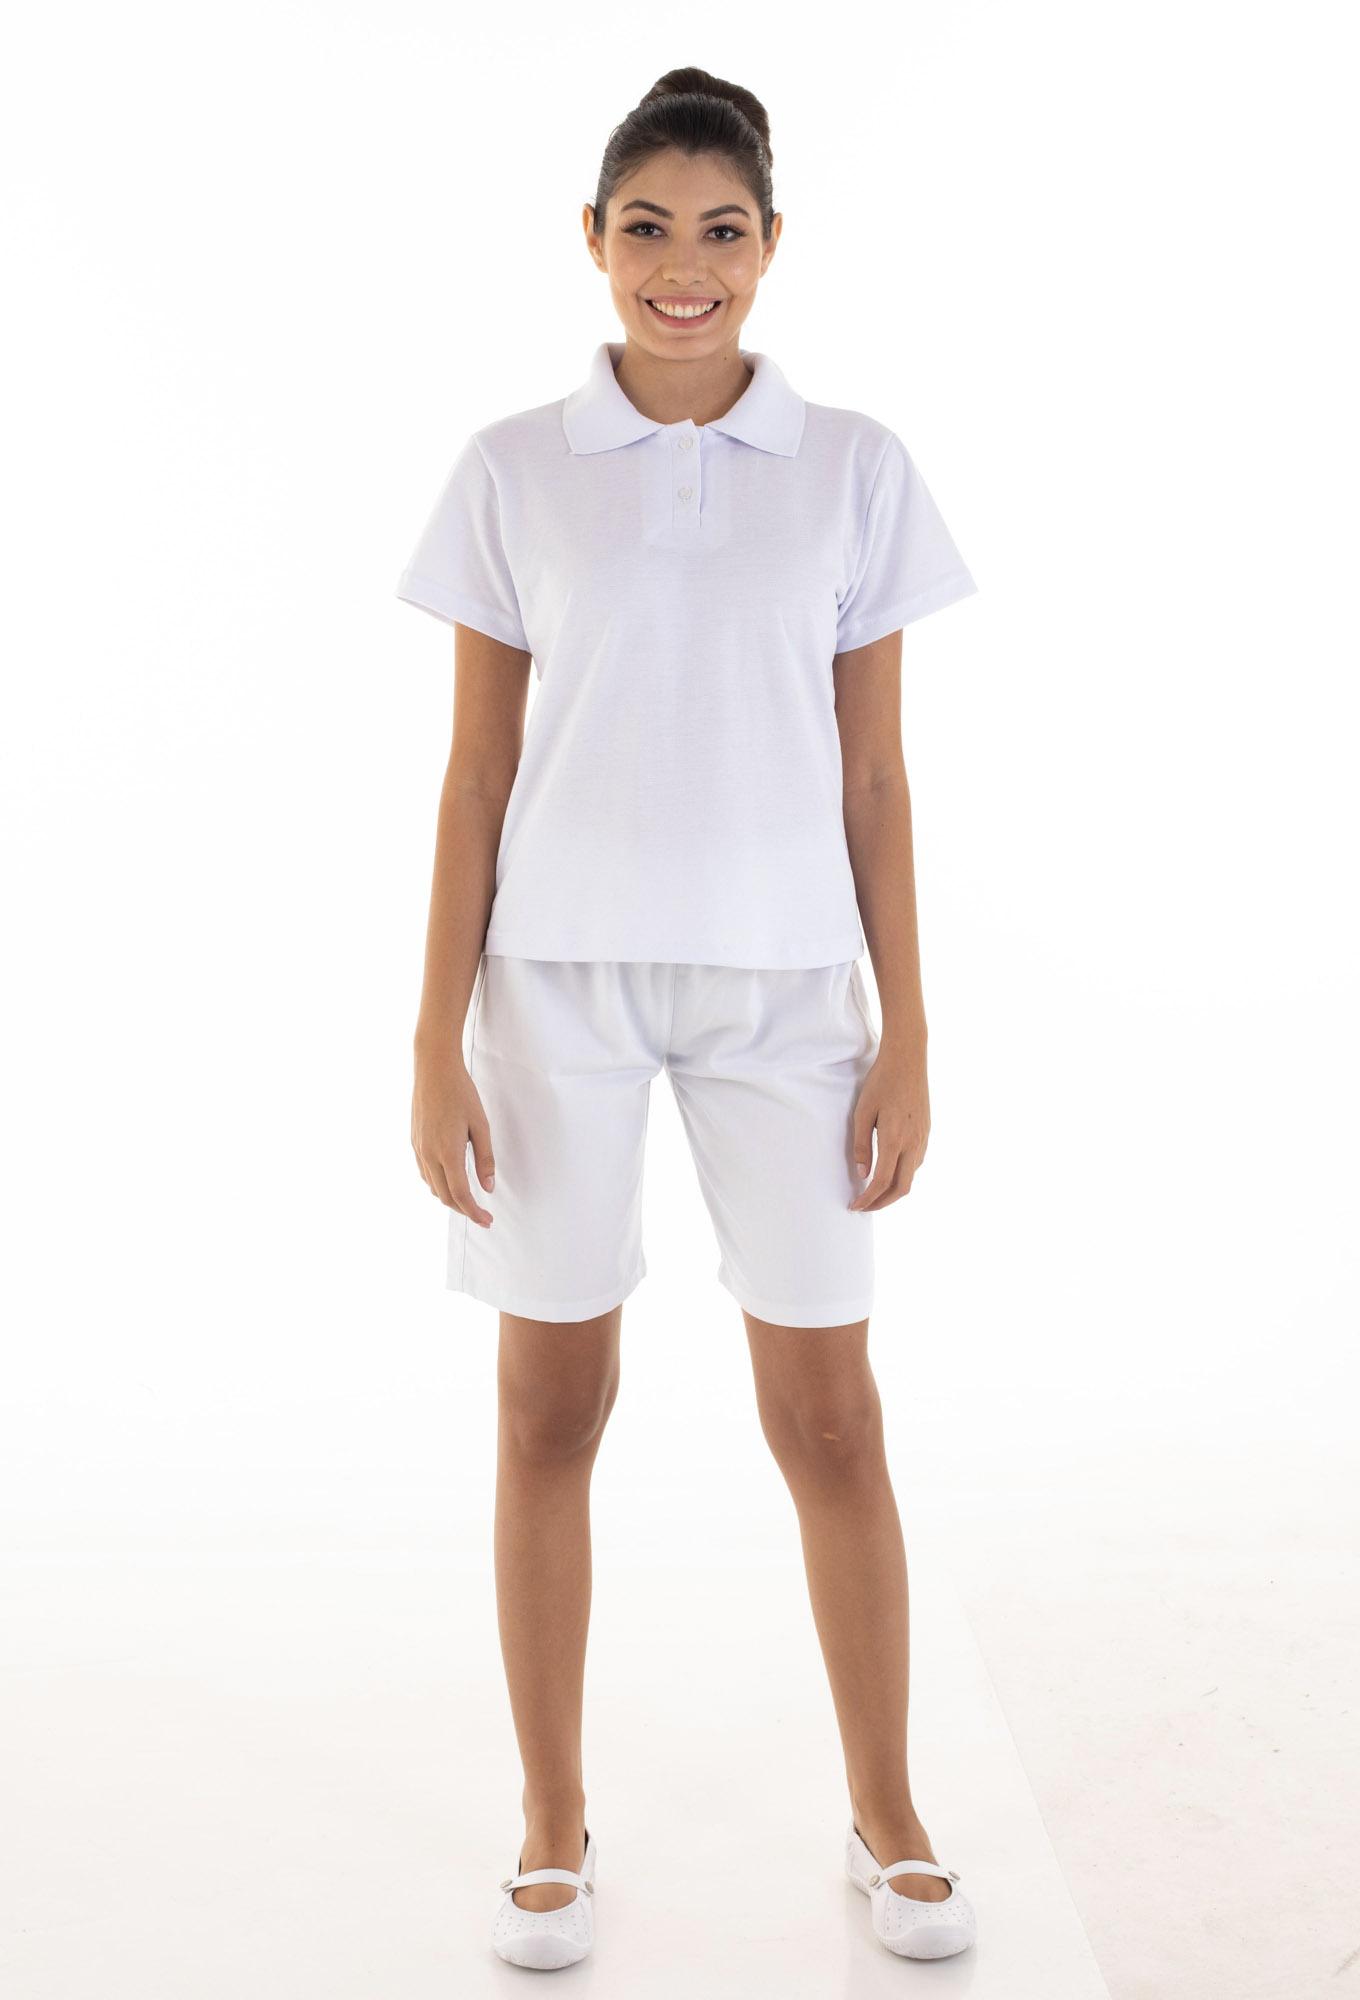 Kit com 2 Conjuntos de Camisa pólo em Tecido Piquet  e 2  Bermudas em Tecido Brim100% algodão Cor Branca  - EBT UNIFORMES